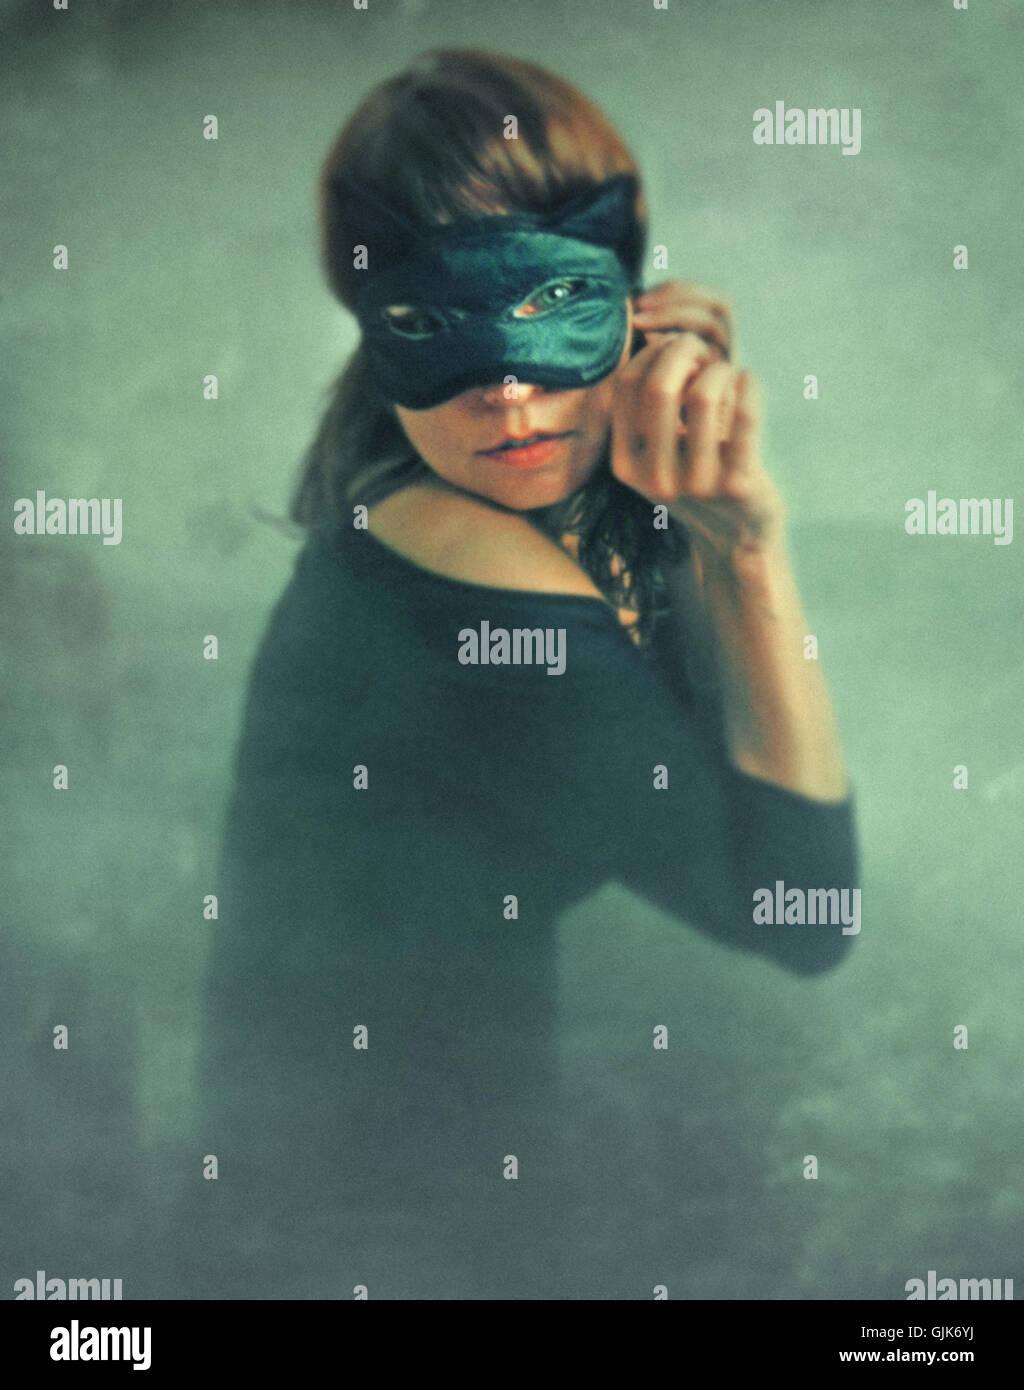 geheimnisvolle junge Frau trägt schwarze Katzenmaske im Gesicht Stockbild